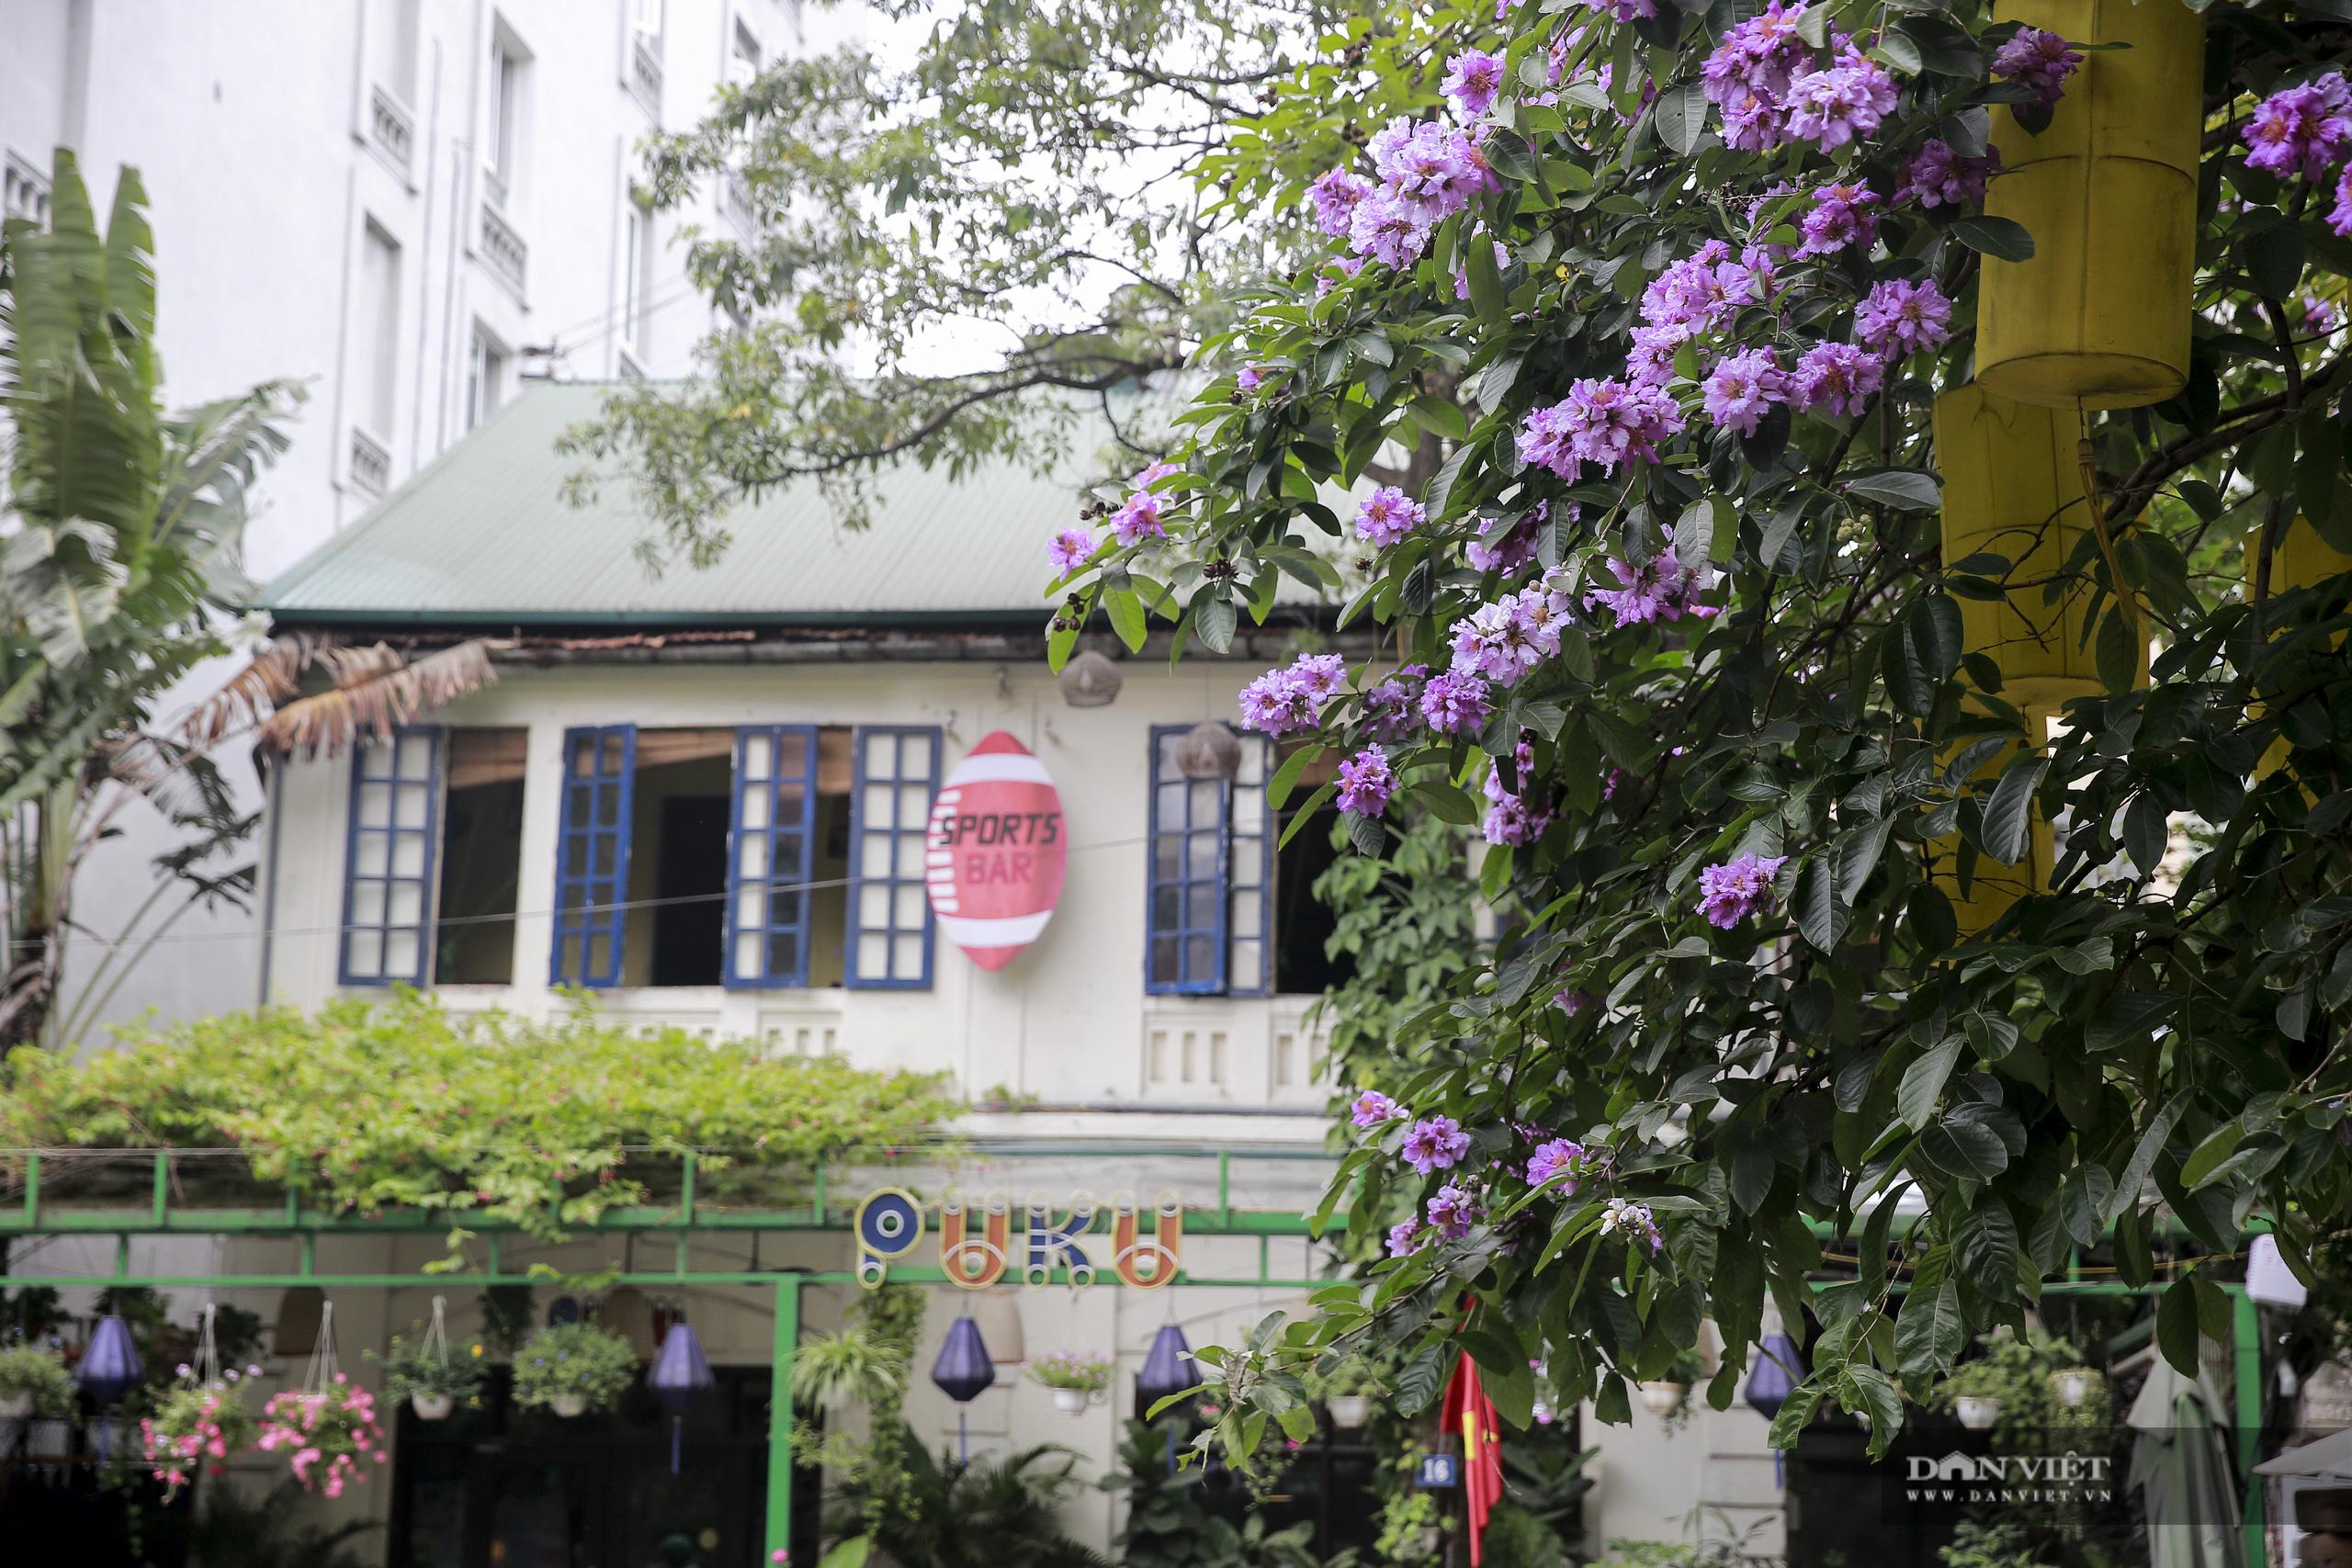 Hoa bằng lăng: loài hoa biểu tượng của sự thủy chung nở rộ khắp đường phố Hà Nội - Ảnh 6.